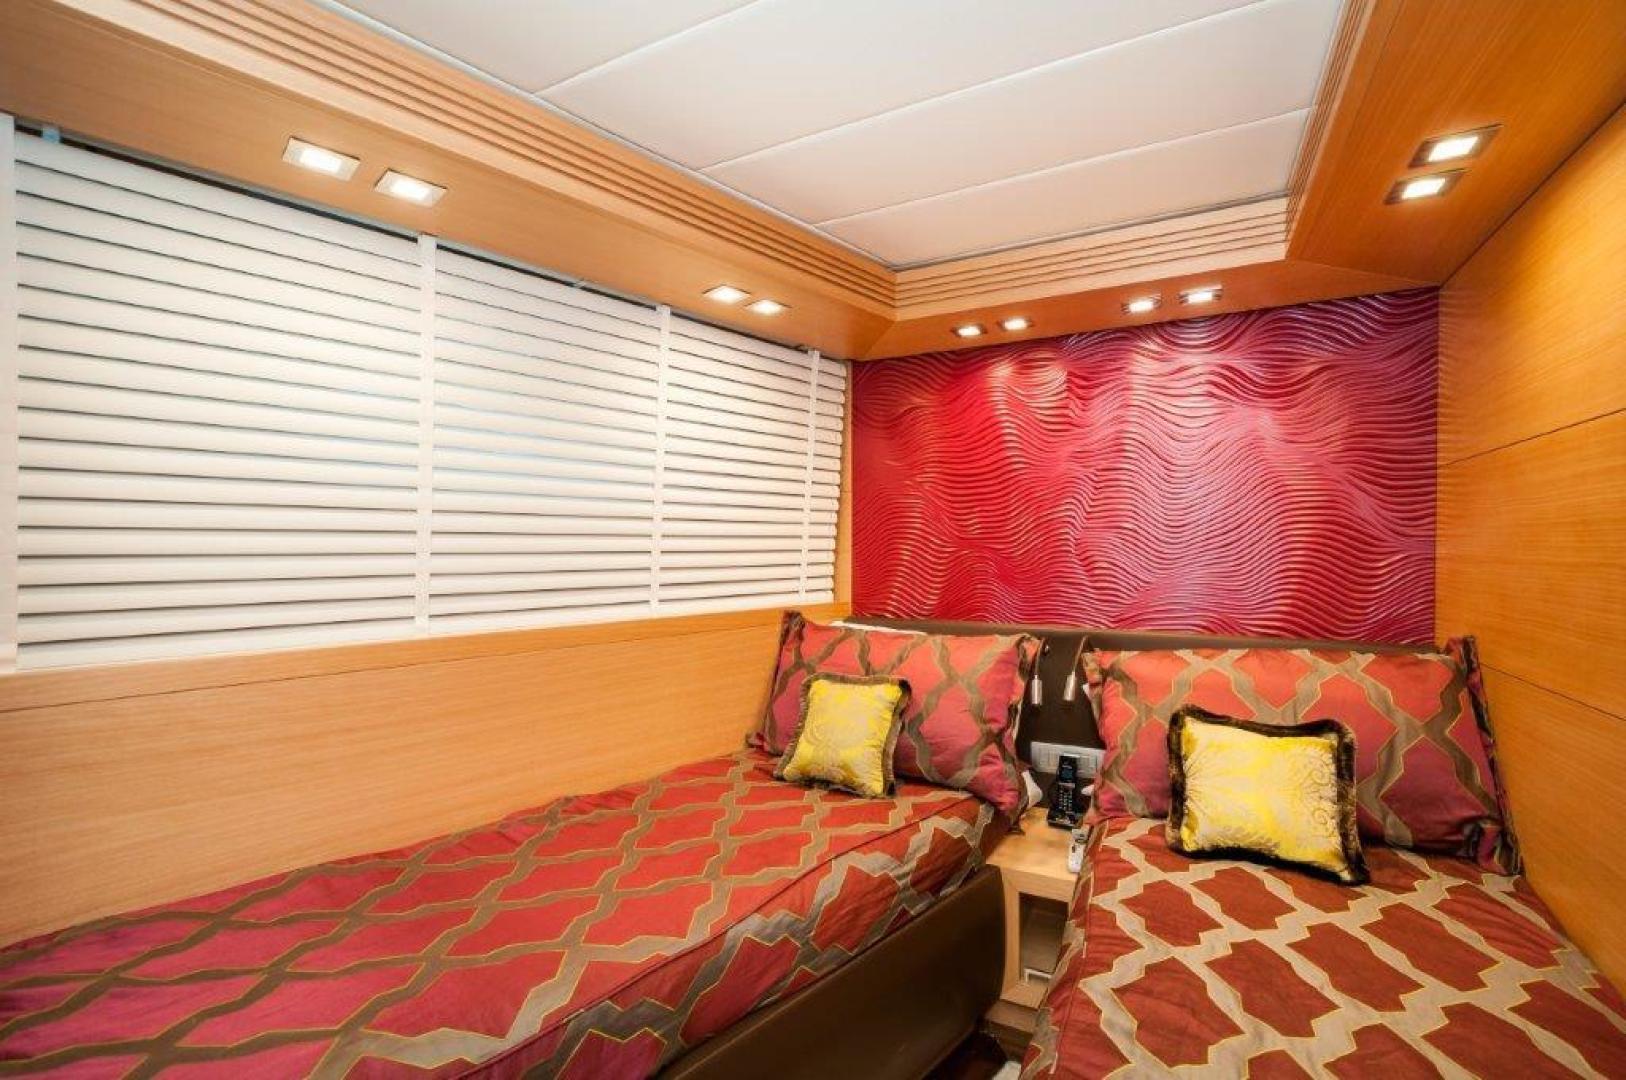 Maiora-84 Motor Yacht 2015-Never Rest SANDESTIN-Florida-United States-2015 Maiora 84 Motor Yacht Port Guest Stateroom Never Rest-720580 | Thumbnail